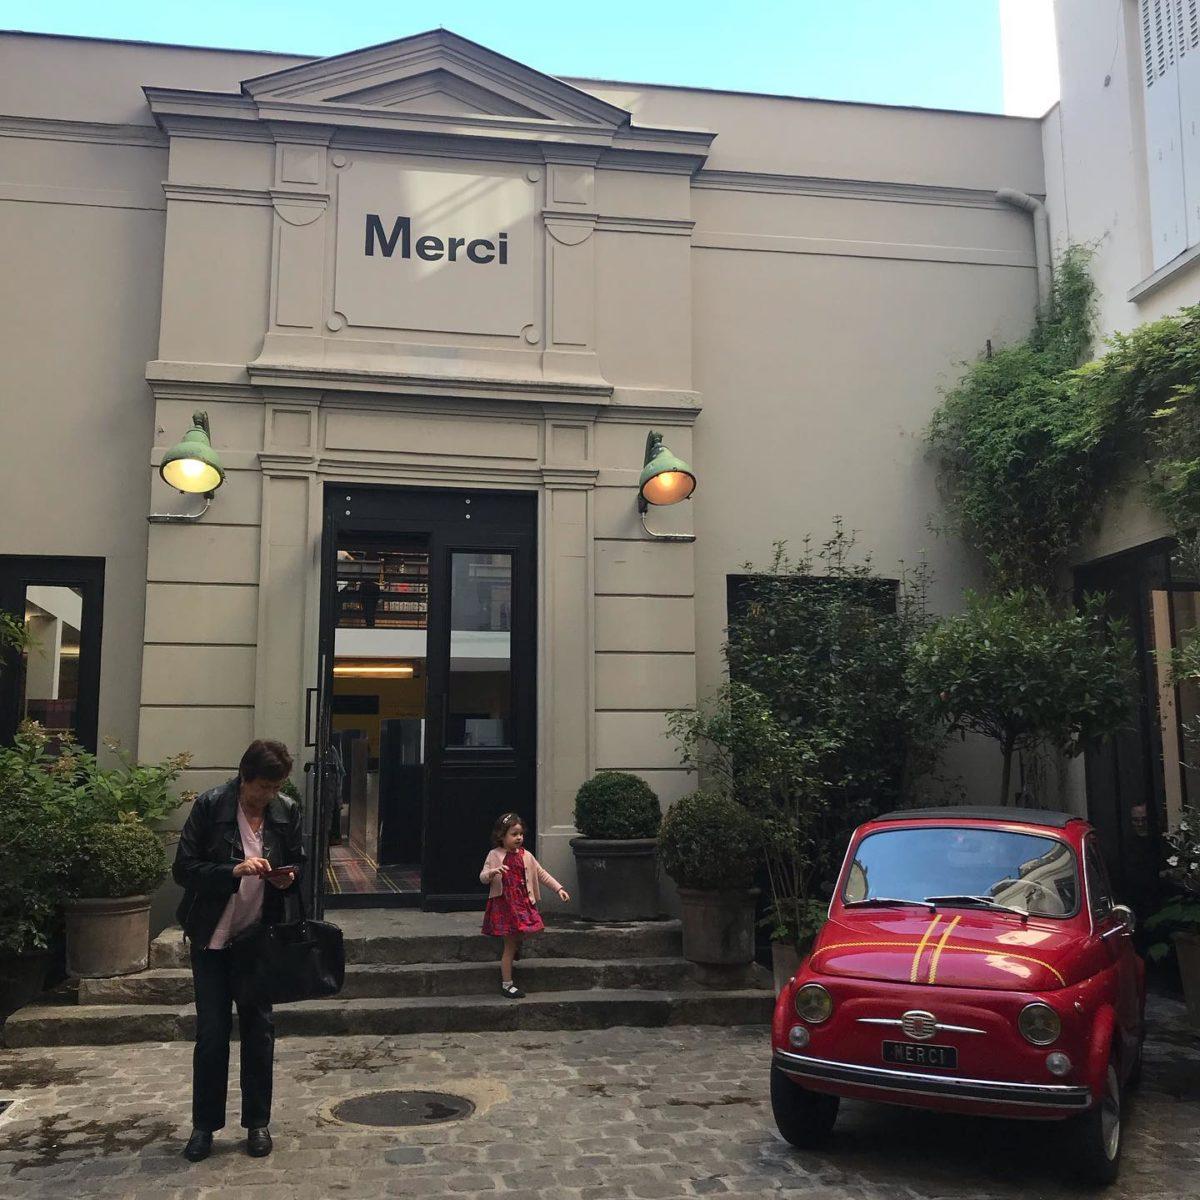 本来なら今日はミラノコレクションが終わりパリコレにミラノから移動する日だった。  写真はパリの今、一番人気のあるセレクトショップmerci  パリのセレクトショップと言うと サントノーレ通りにあったcollette が有名だったが数年前20年の歴史を閉じた。  バリバリのファッショニスタ御用達のcolletteに比べてmerciはナチュラル、生活、雑貨とパリジャン達の好みもナチュラル化しているのが分かる。  カフェ、本屋が併設されパリのおしゃれスポットで必見なショップ 。 場所もcolletteと真逆の庶民的なバスチーユ地区  昔この近くに住んでいたから懐かしい。